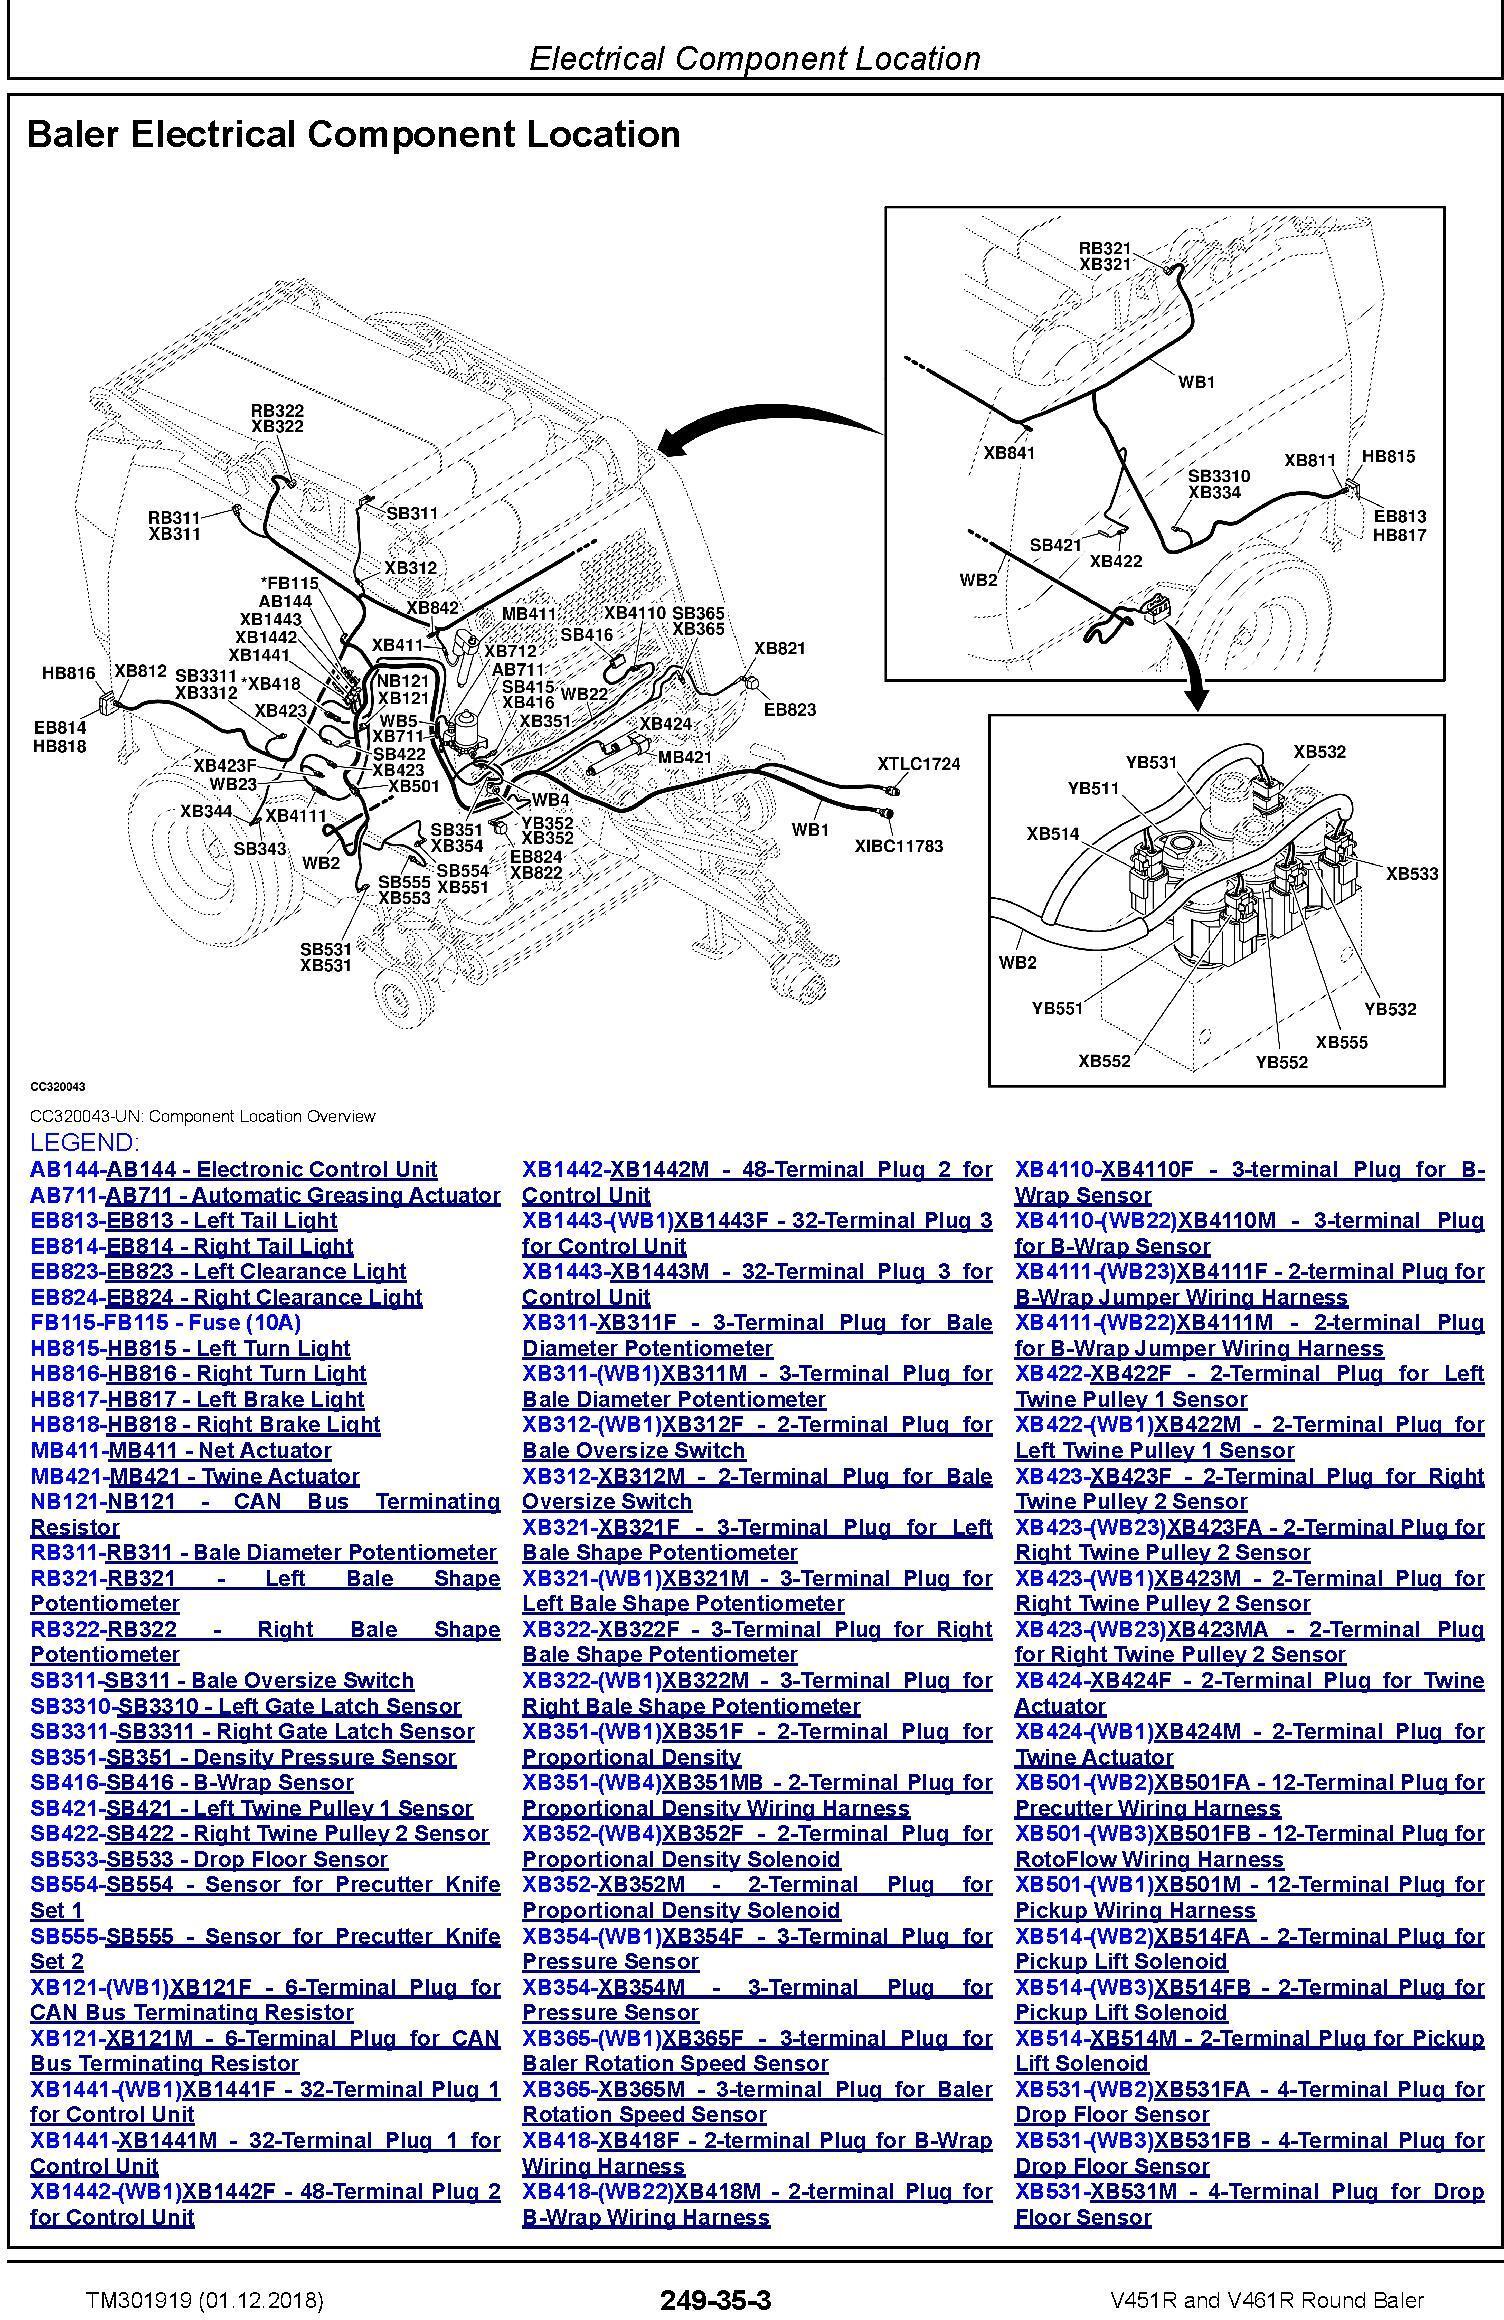 John Deere V451R and V461R Round Baler Diagnostic Technical Manual (TM301919) - 1